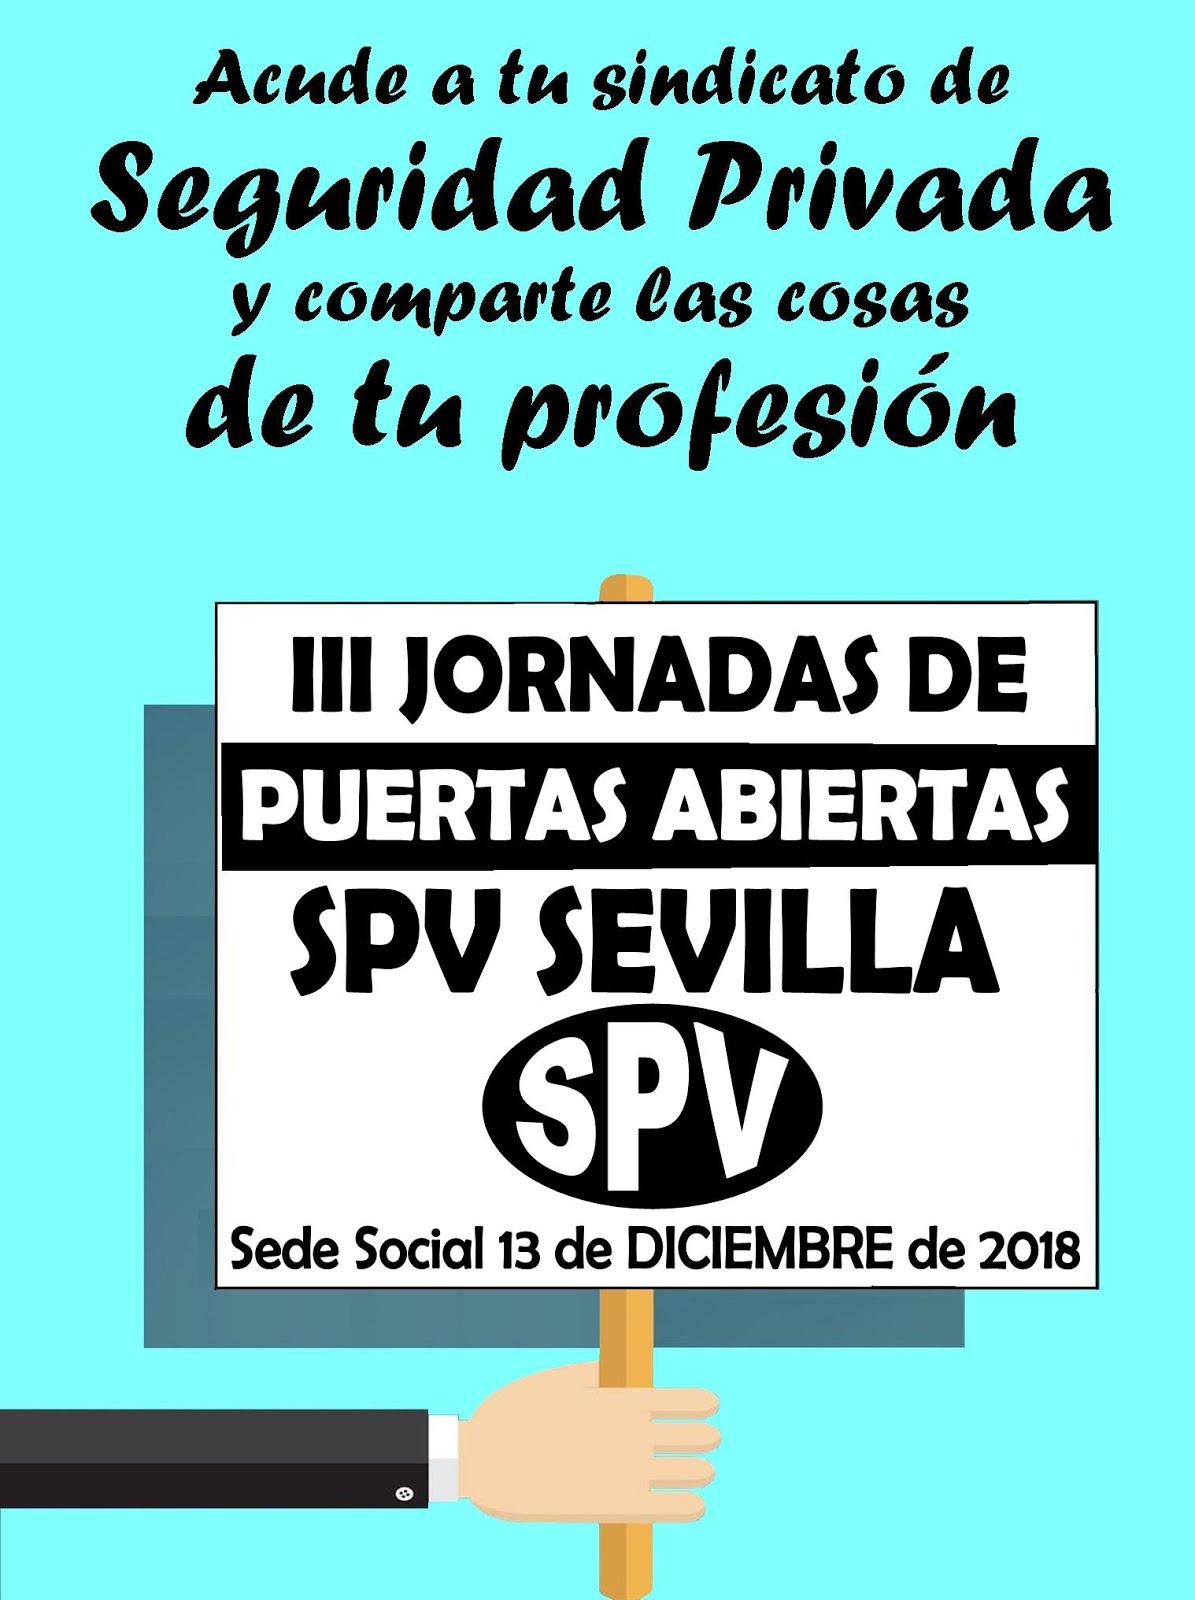 III JORNADAS DE PUERTAS ABIERTAS